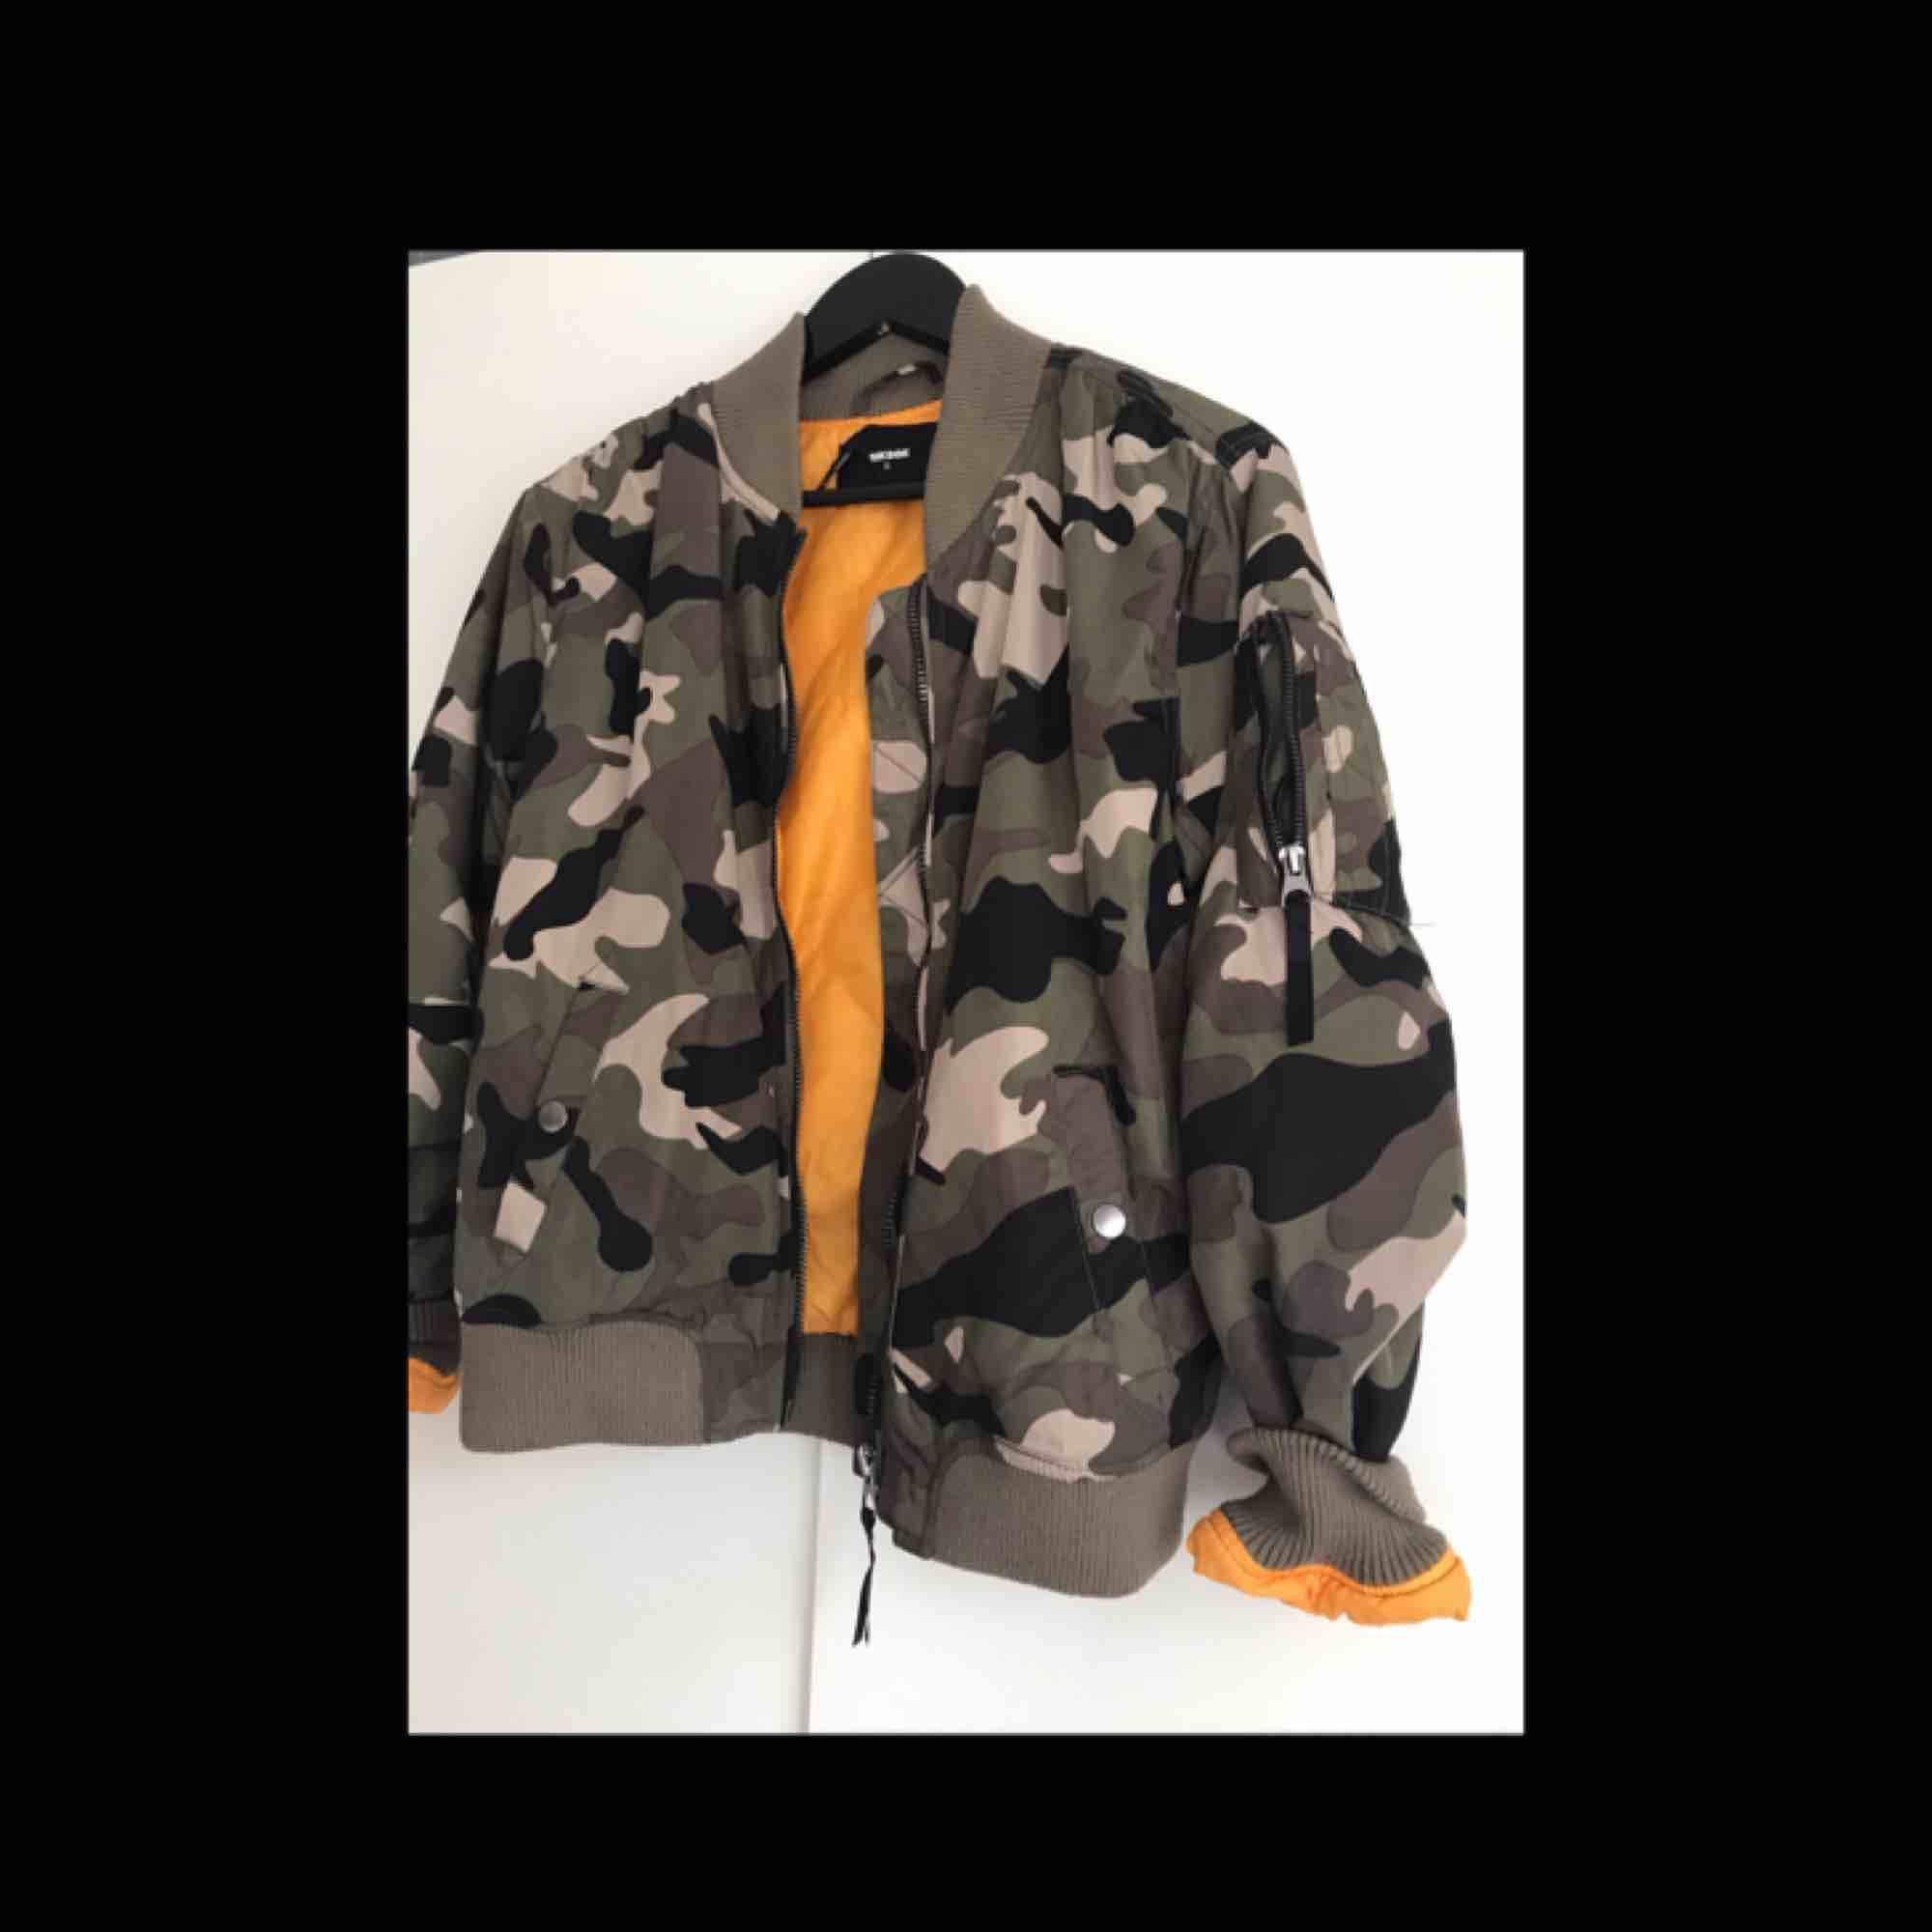 Super cool bomber jacka som är perfekt nu till våren! Insidan är orange och det finns ficka på armen. Nypris: 399 kr. Jackor.